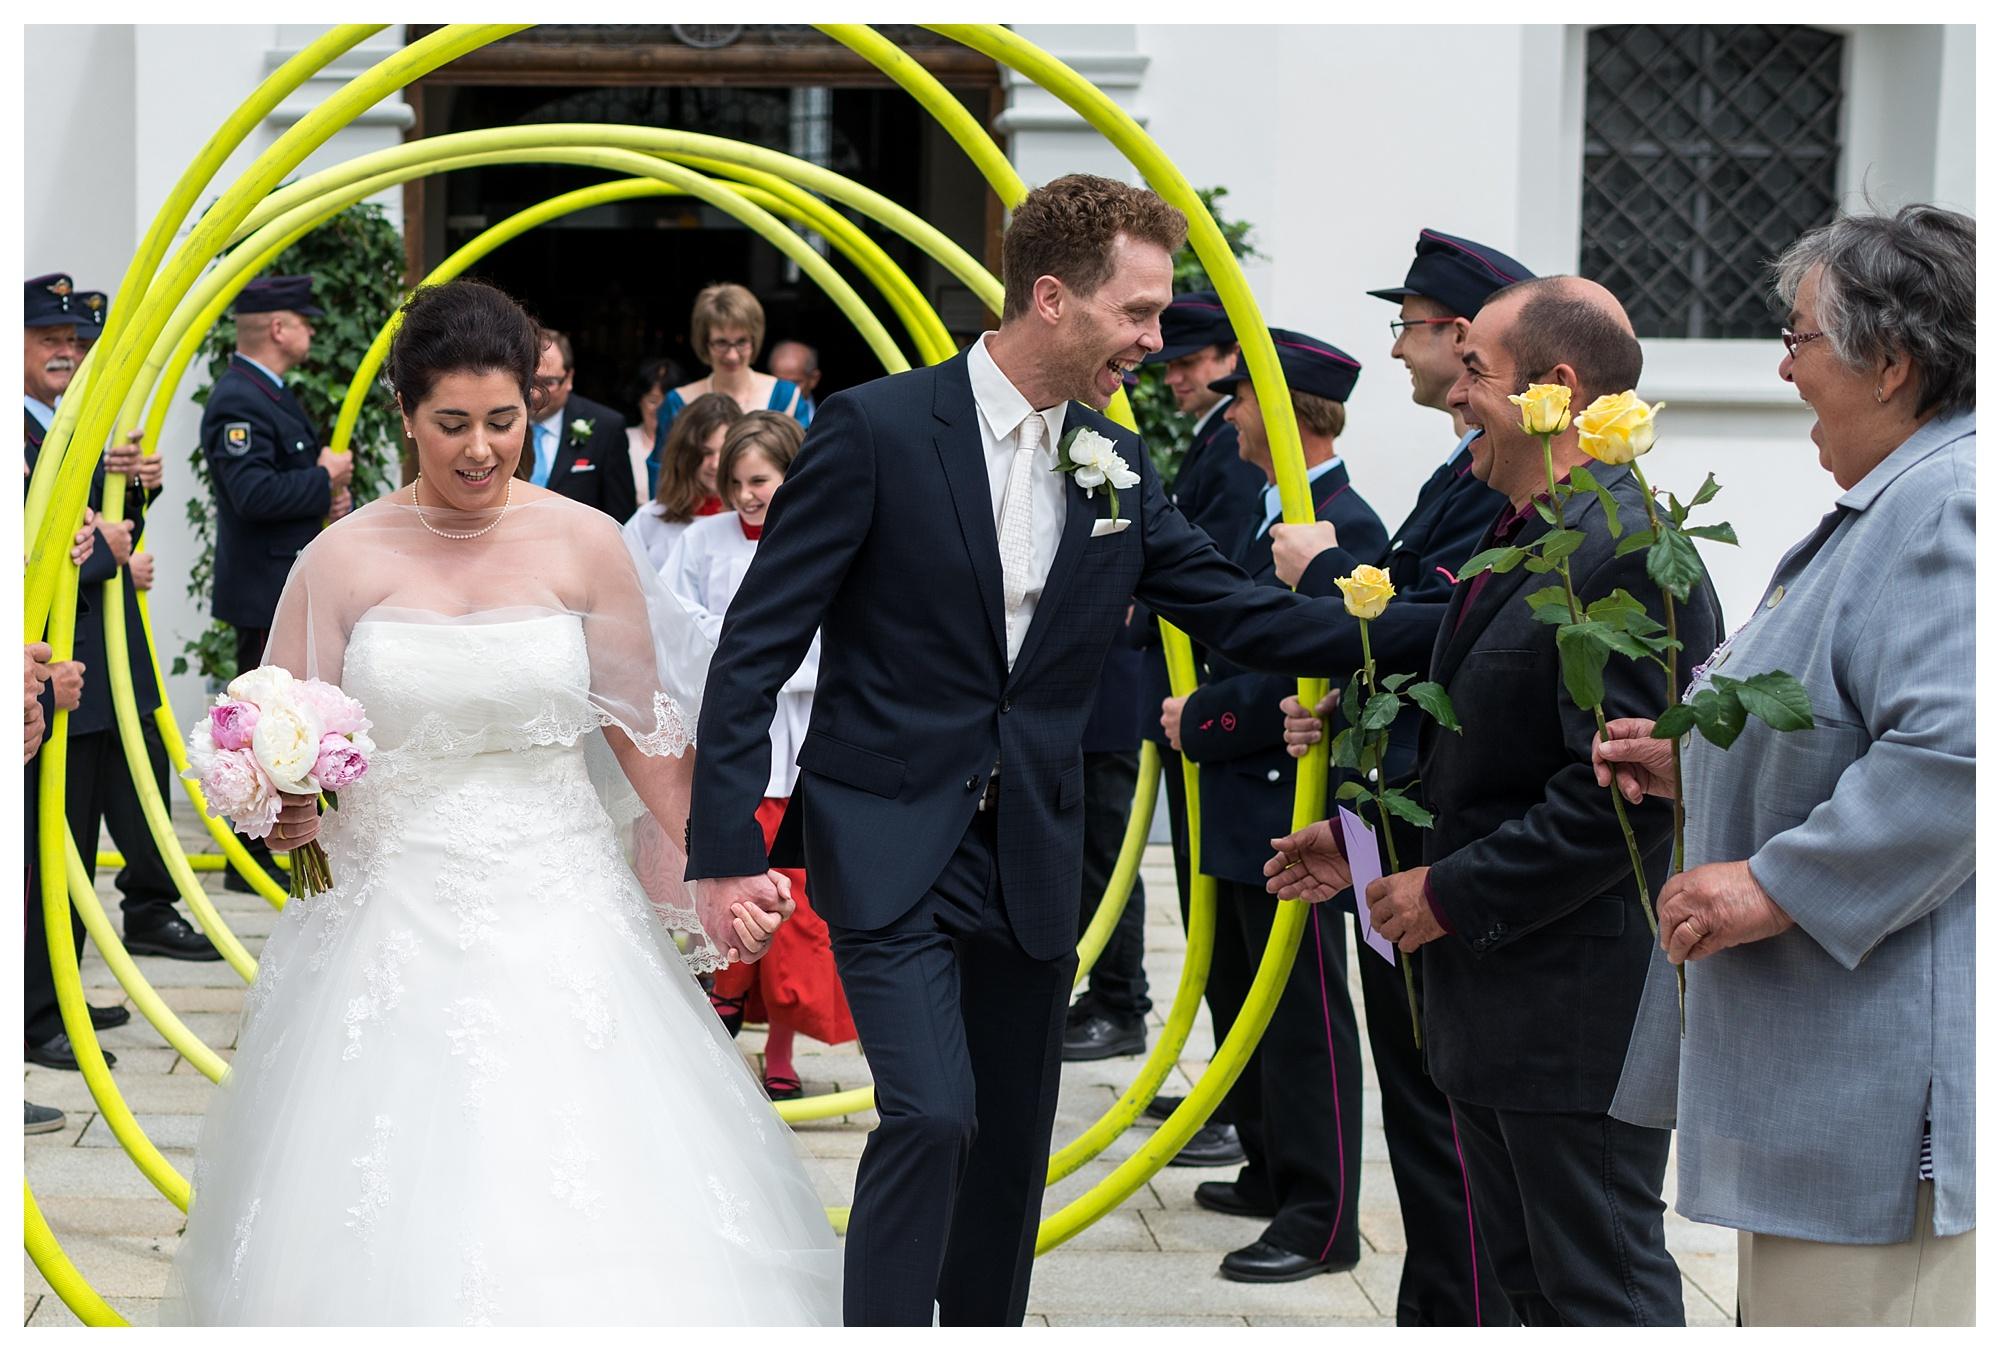 Fotograf Konstanz - Hochzeit Tanja Elmar Elmar Feuerbacher Photography Konstanz Messkirch Highlights 040 - Hochzeitsreportage von Tanja und Elmar im Schloss Meßkirch  - 144 -